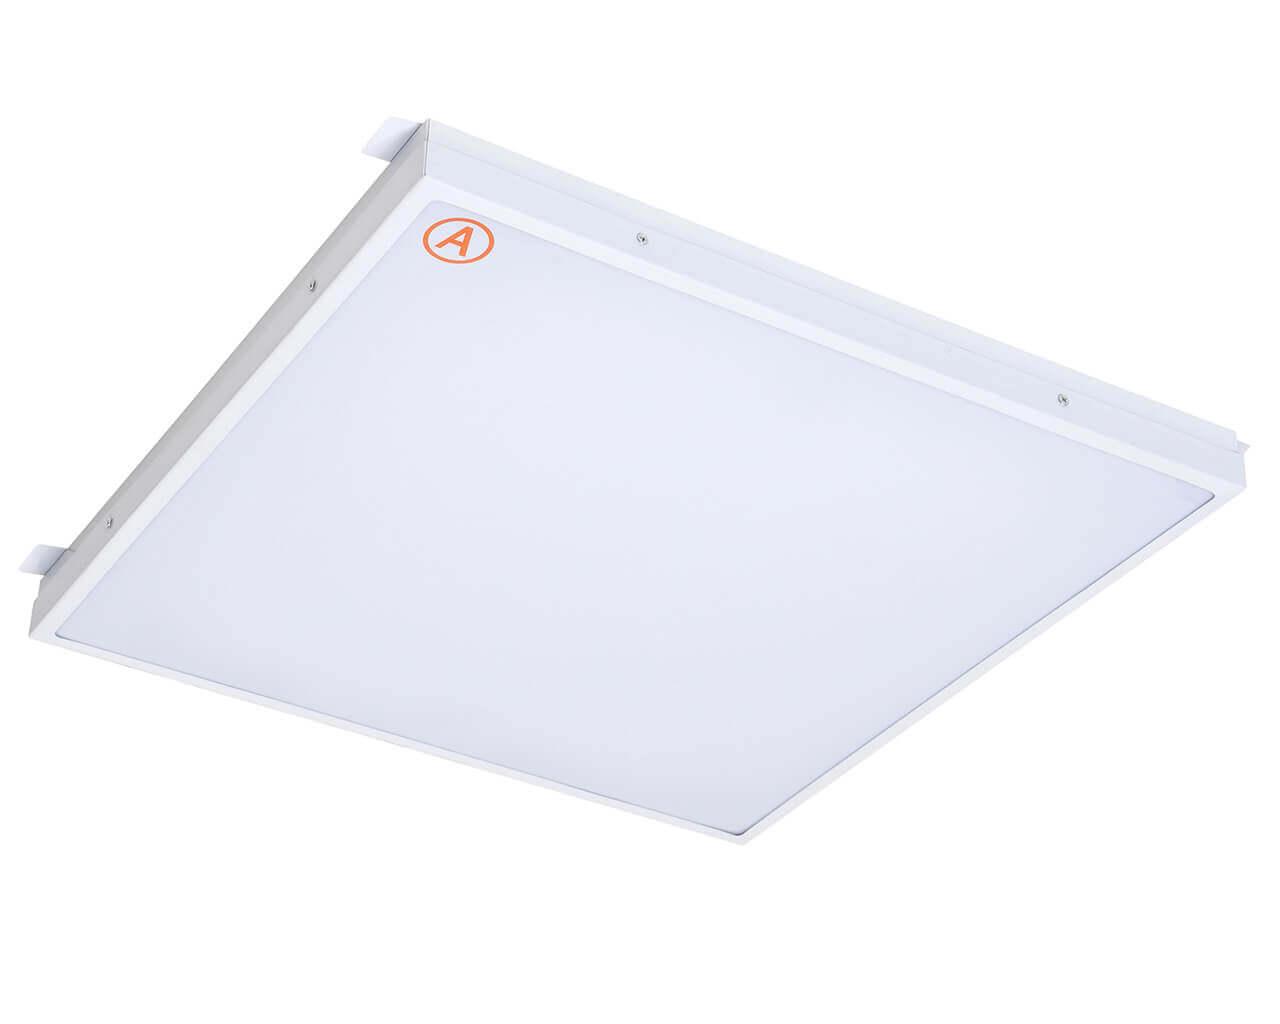 Встраиваемый светильник LC-GIP-60-OP 580x580 Теплый белый Опал с Бап-3 часа